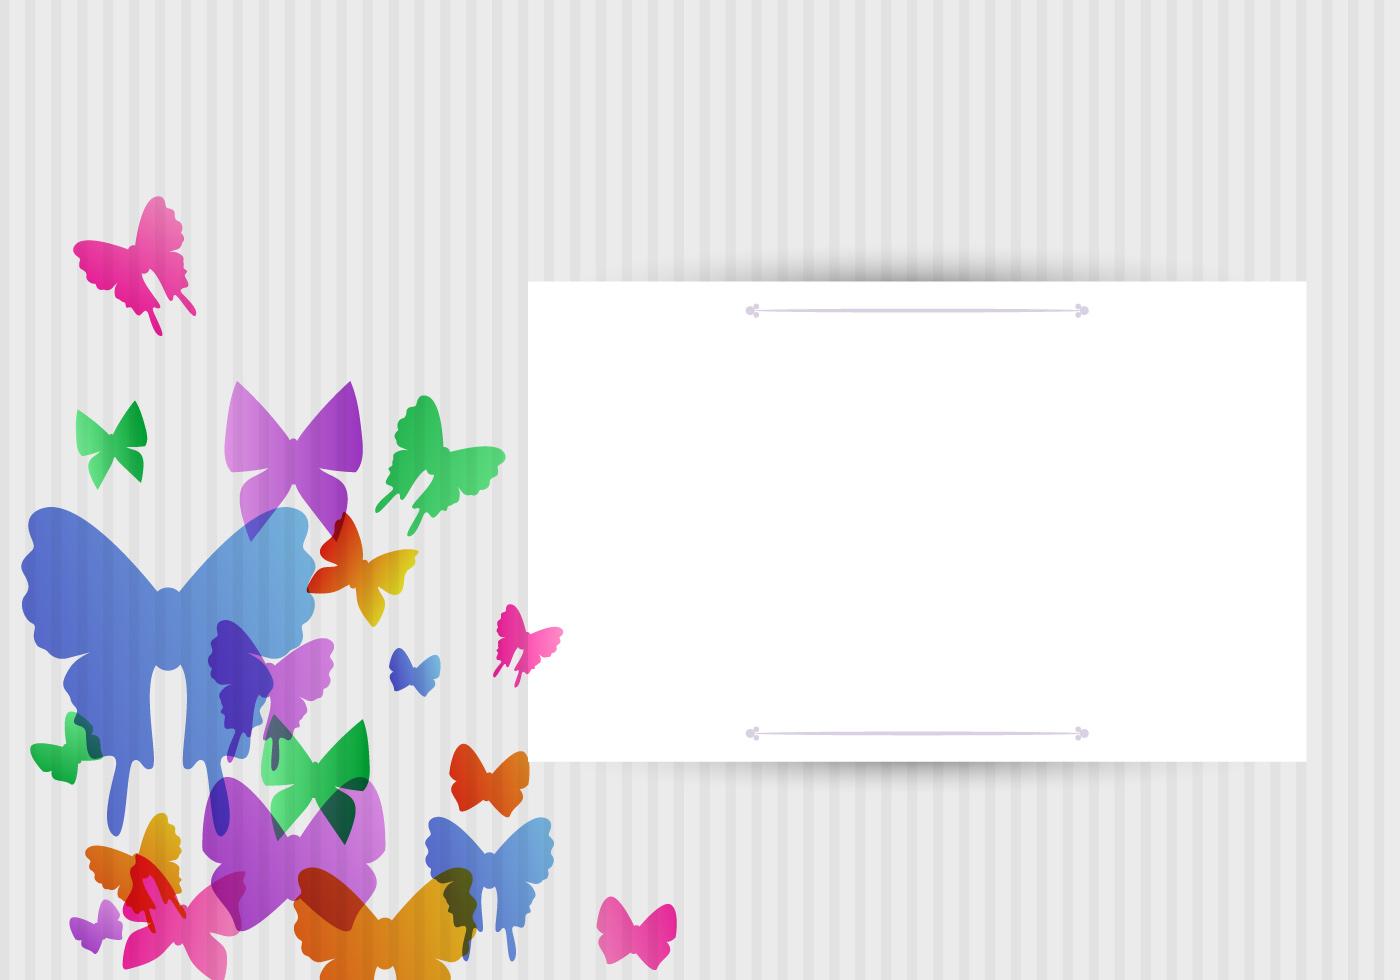 蝴蝶背景 免費下載 | 天天瘋後製